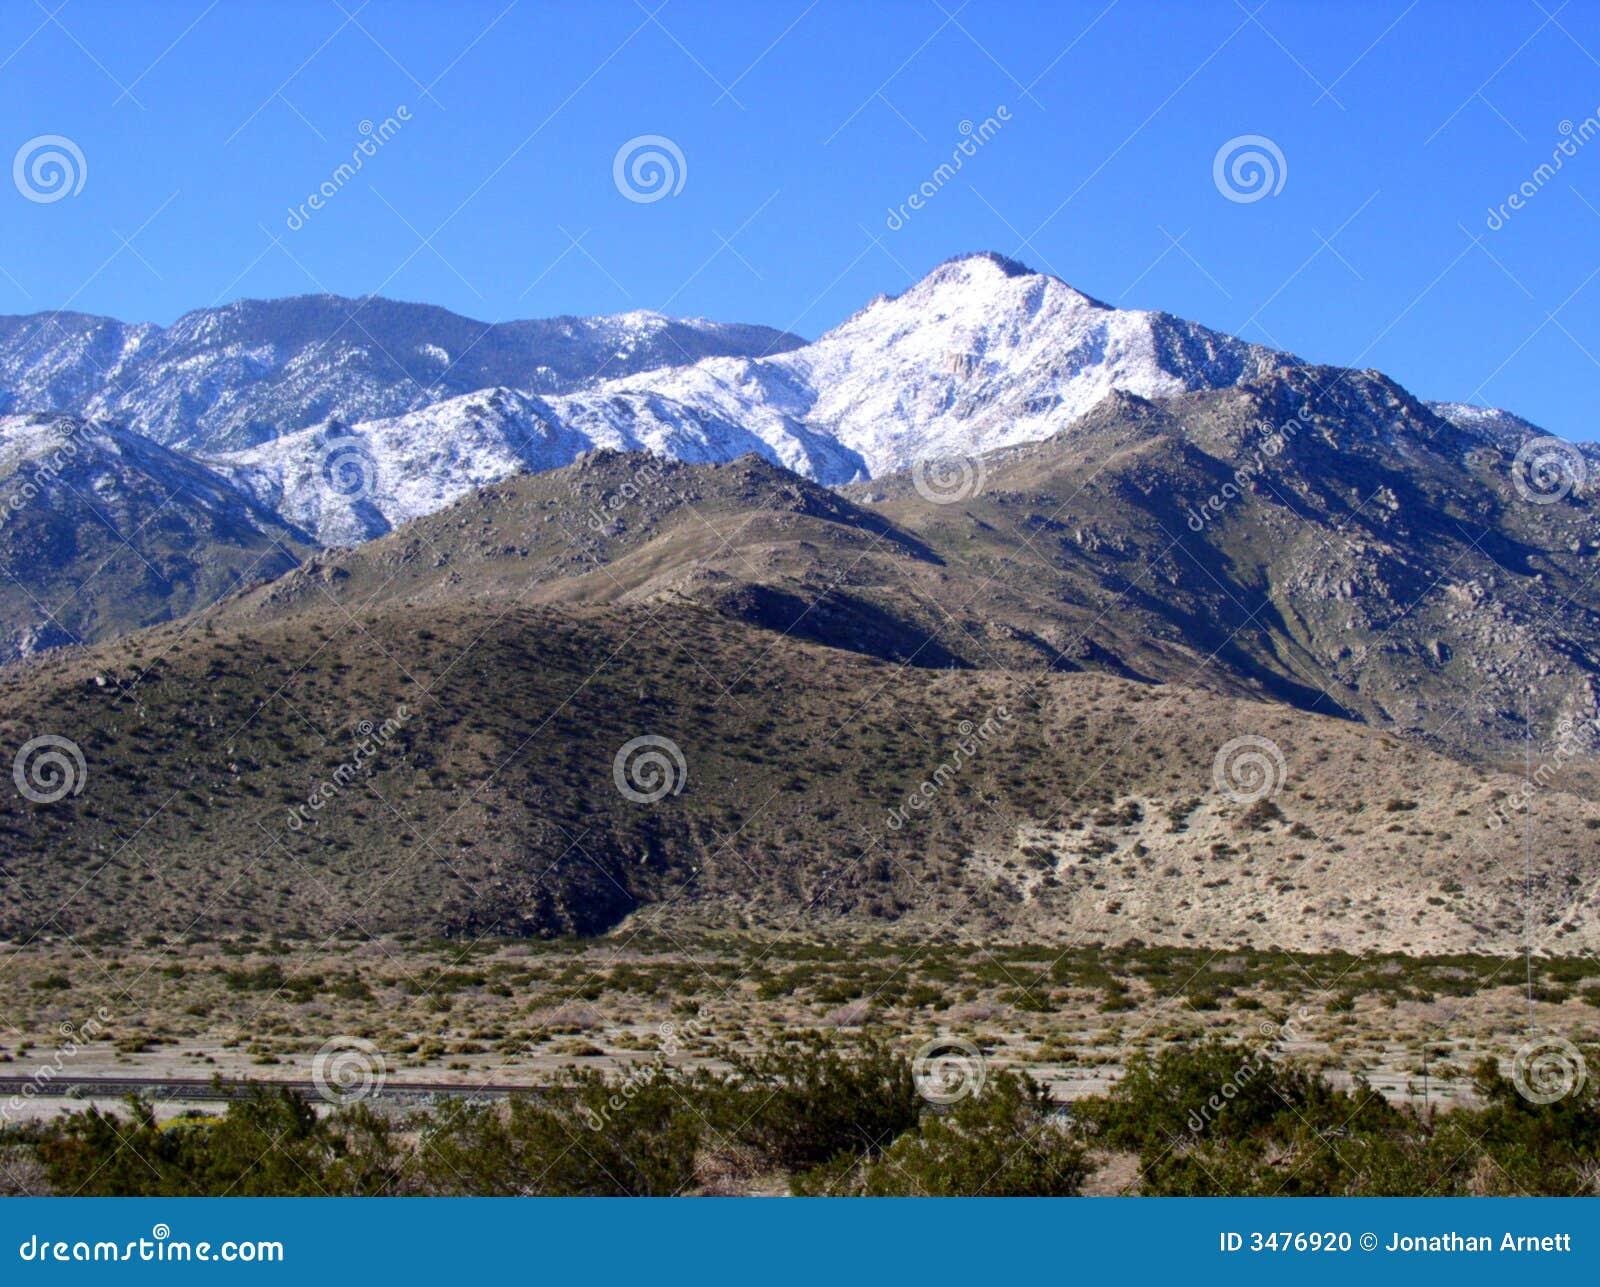 Fajne chrupiąca lotnicze mountain